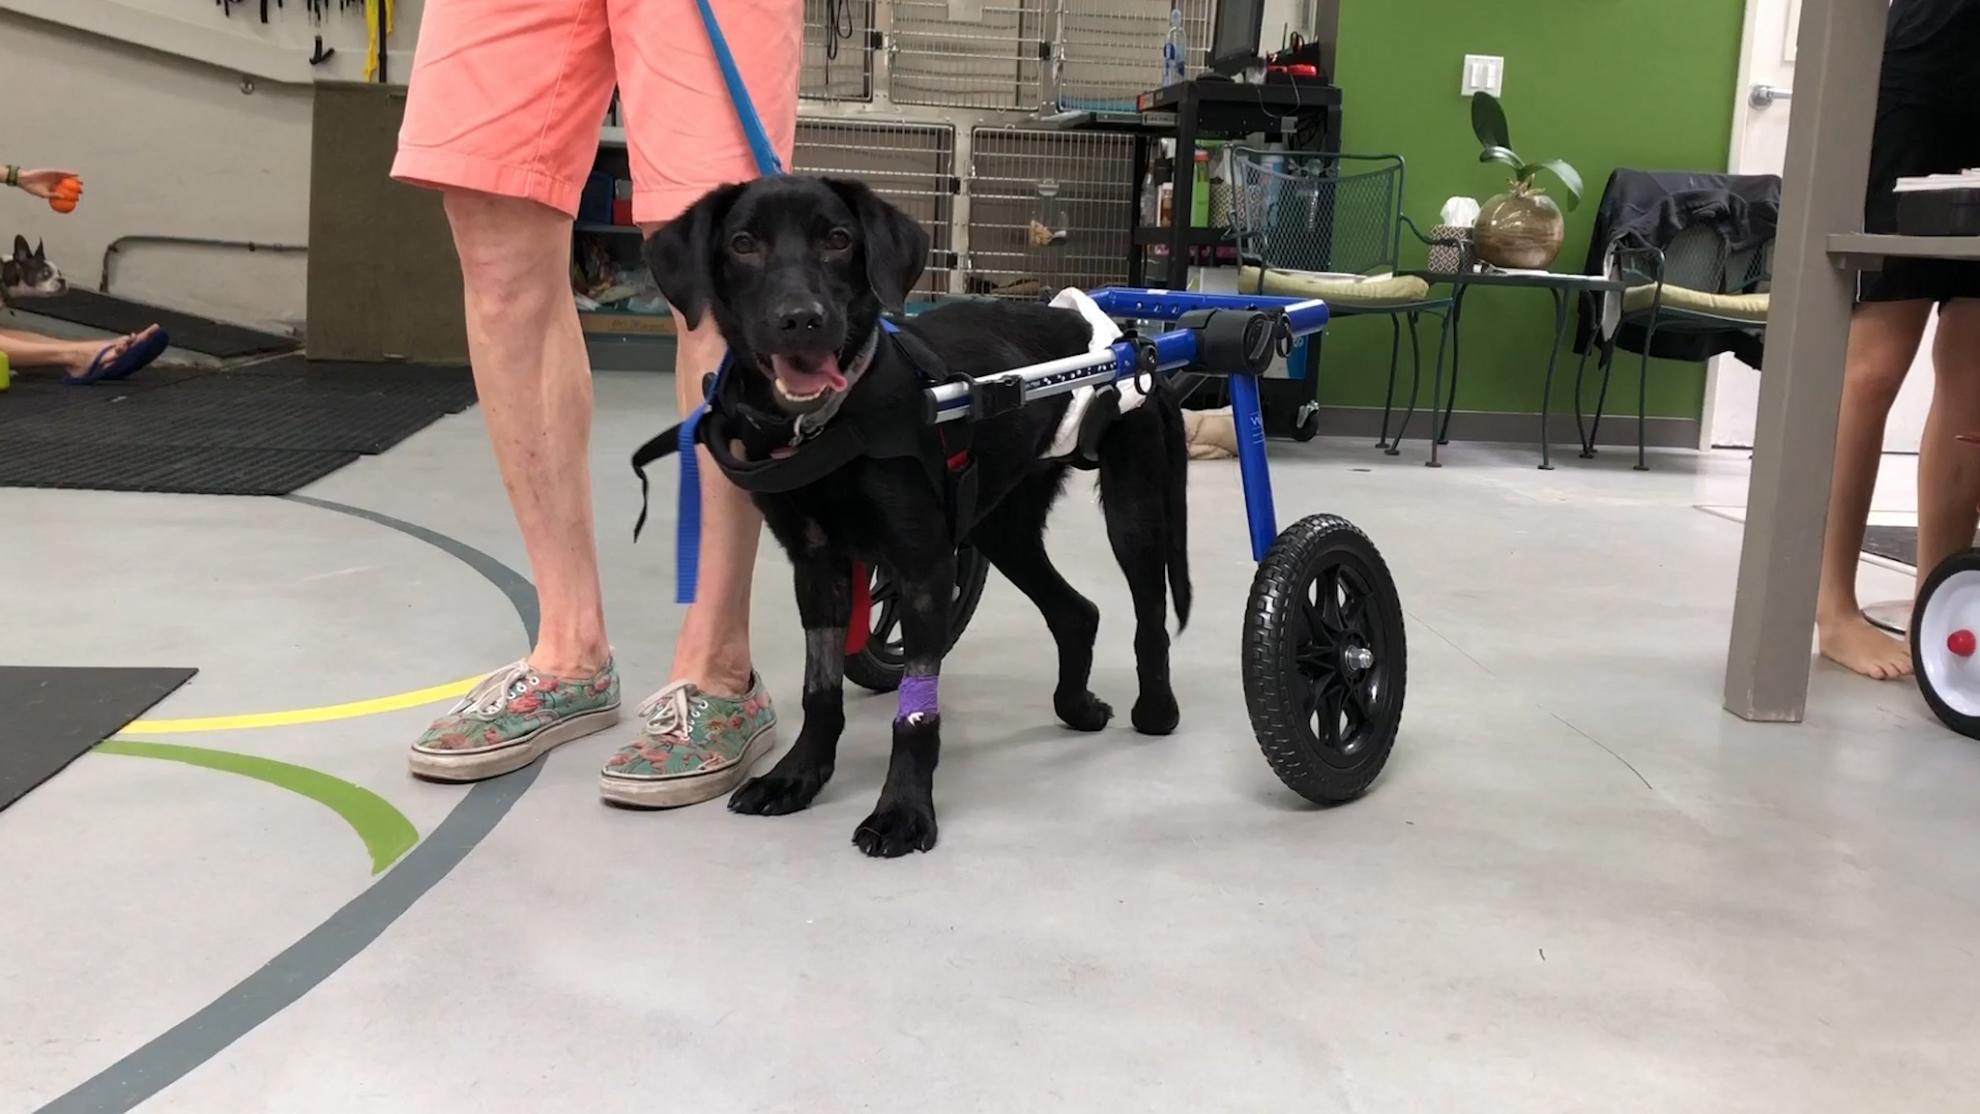 Bennie paralyzed